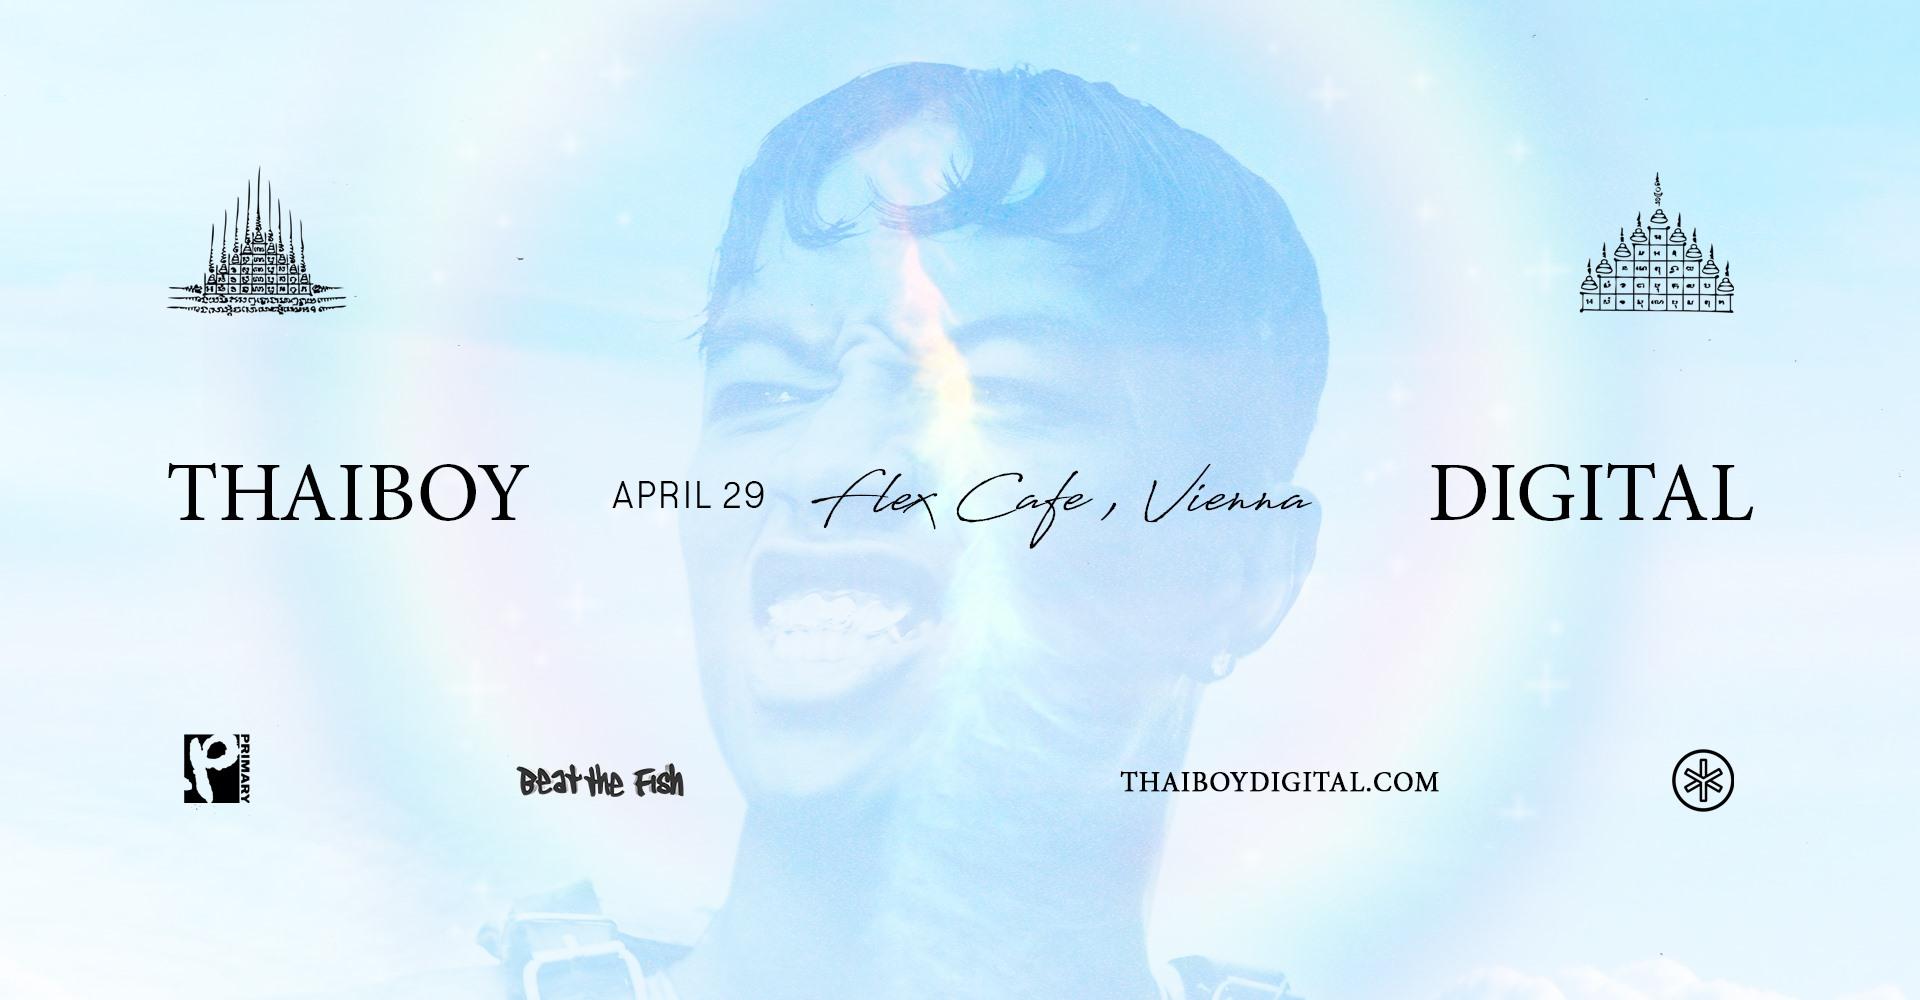 Thaiboy Digital am 29. April 2020 @ Flex Café.